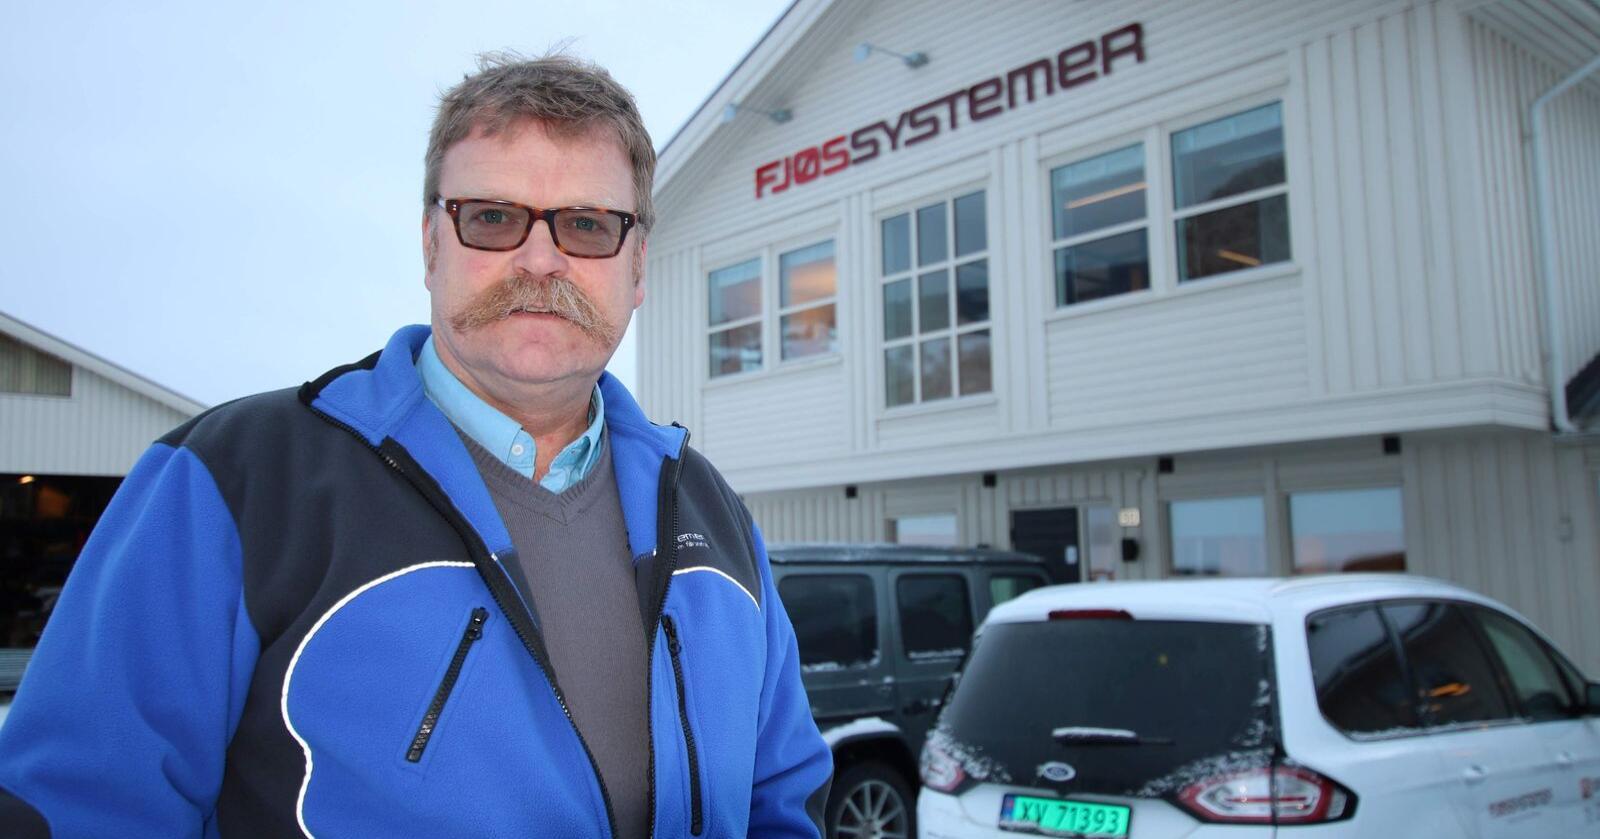 GODE NOK: Erik Stenumgaard mener at både forskrifta, normen og veiledninga er god nok, og at rustproblemene har kommet fordi vi har ignorert gammel og glemt kunnskap. Foto: Dag Idar Jøsang